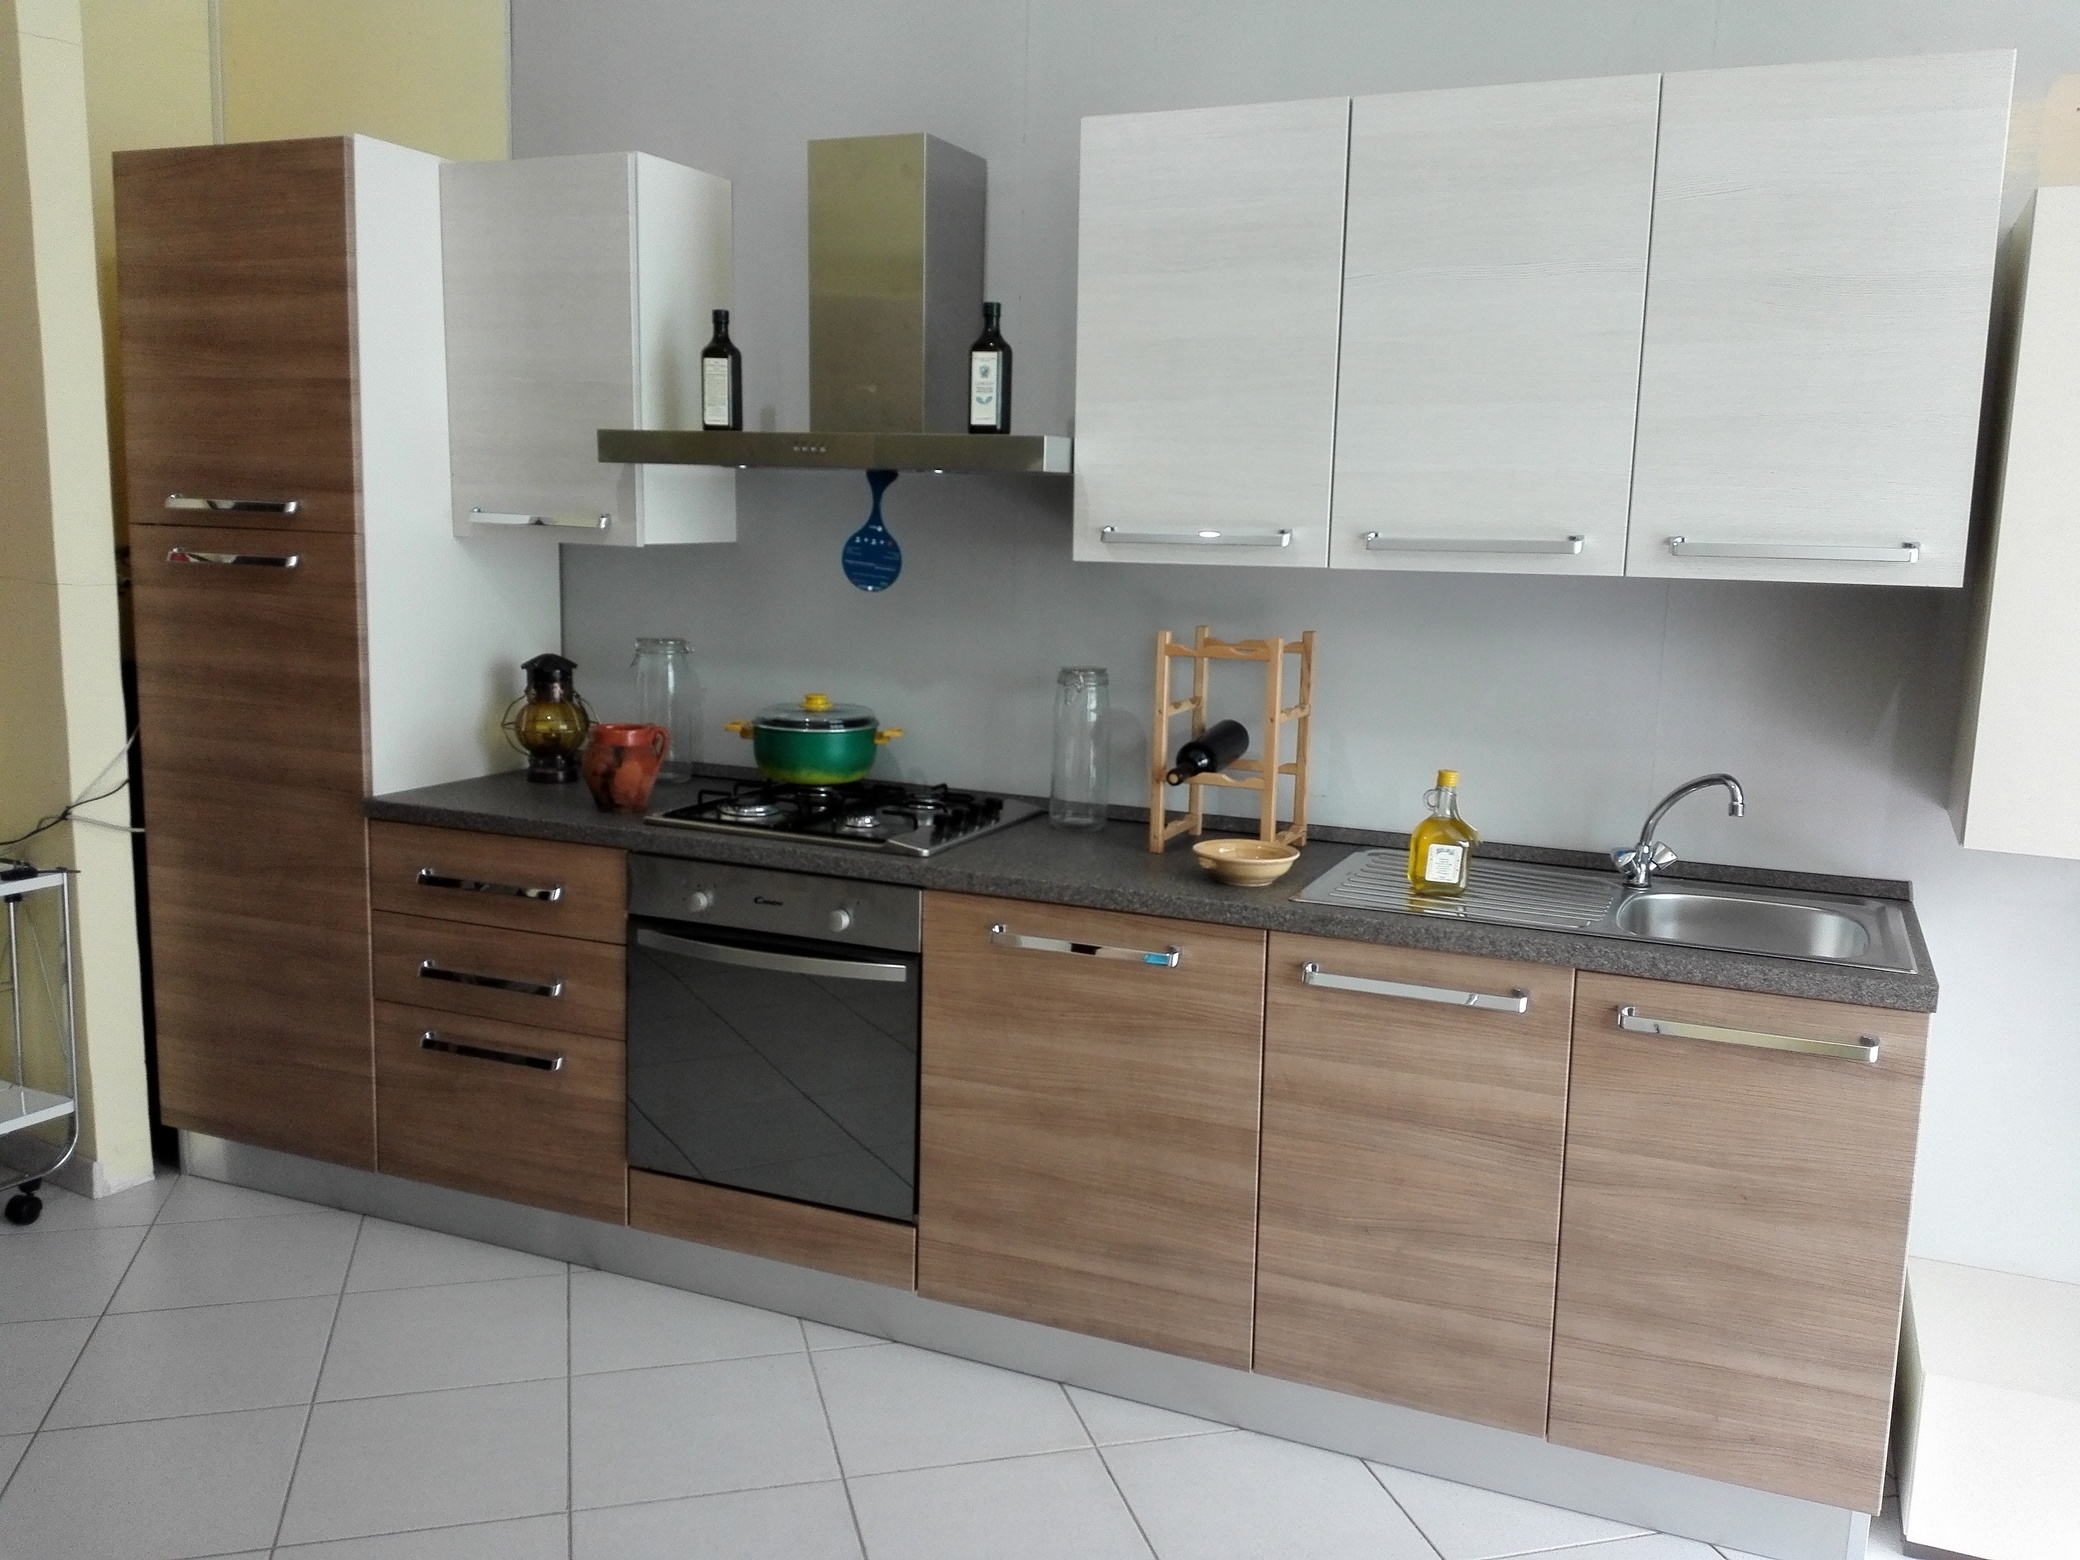 Brio cucina moderna con elettrodomestici by mobilturi - Maniglie ante cucina ...